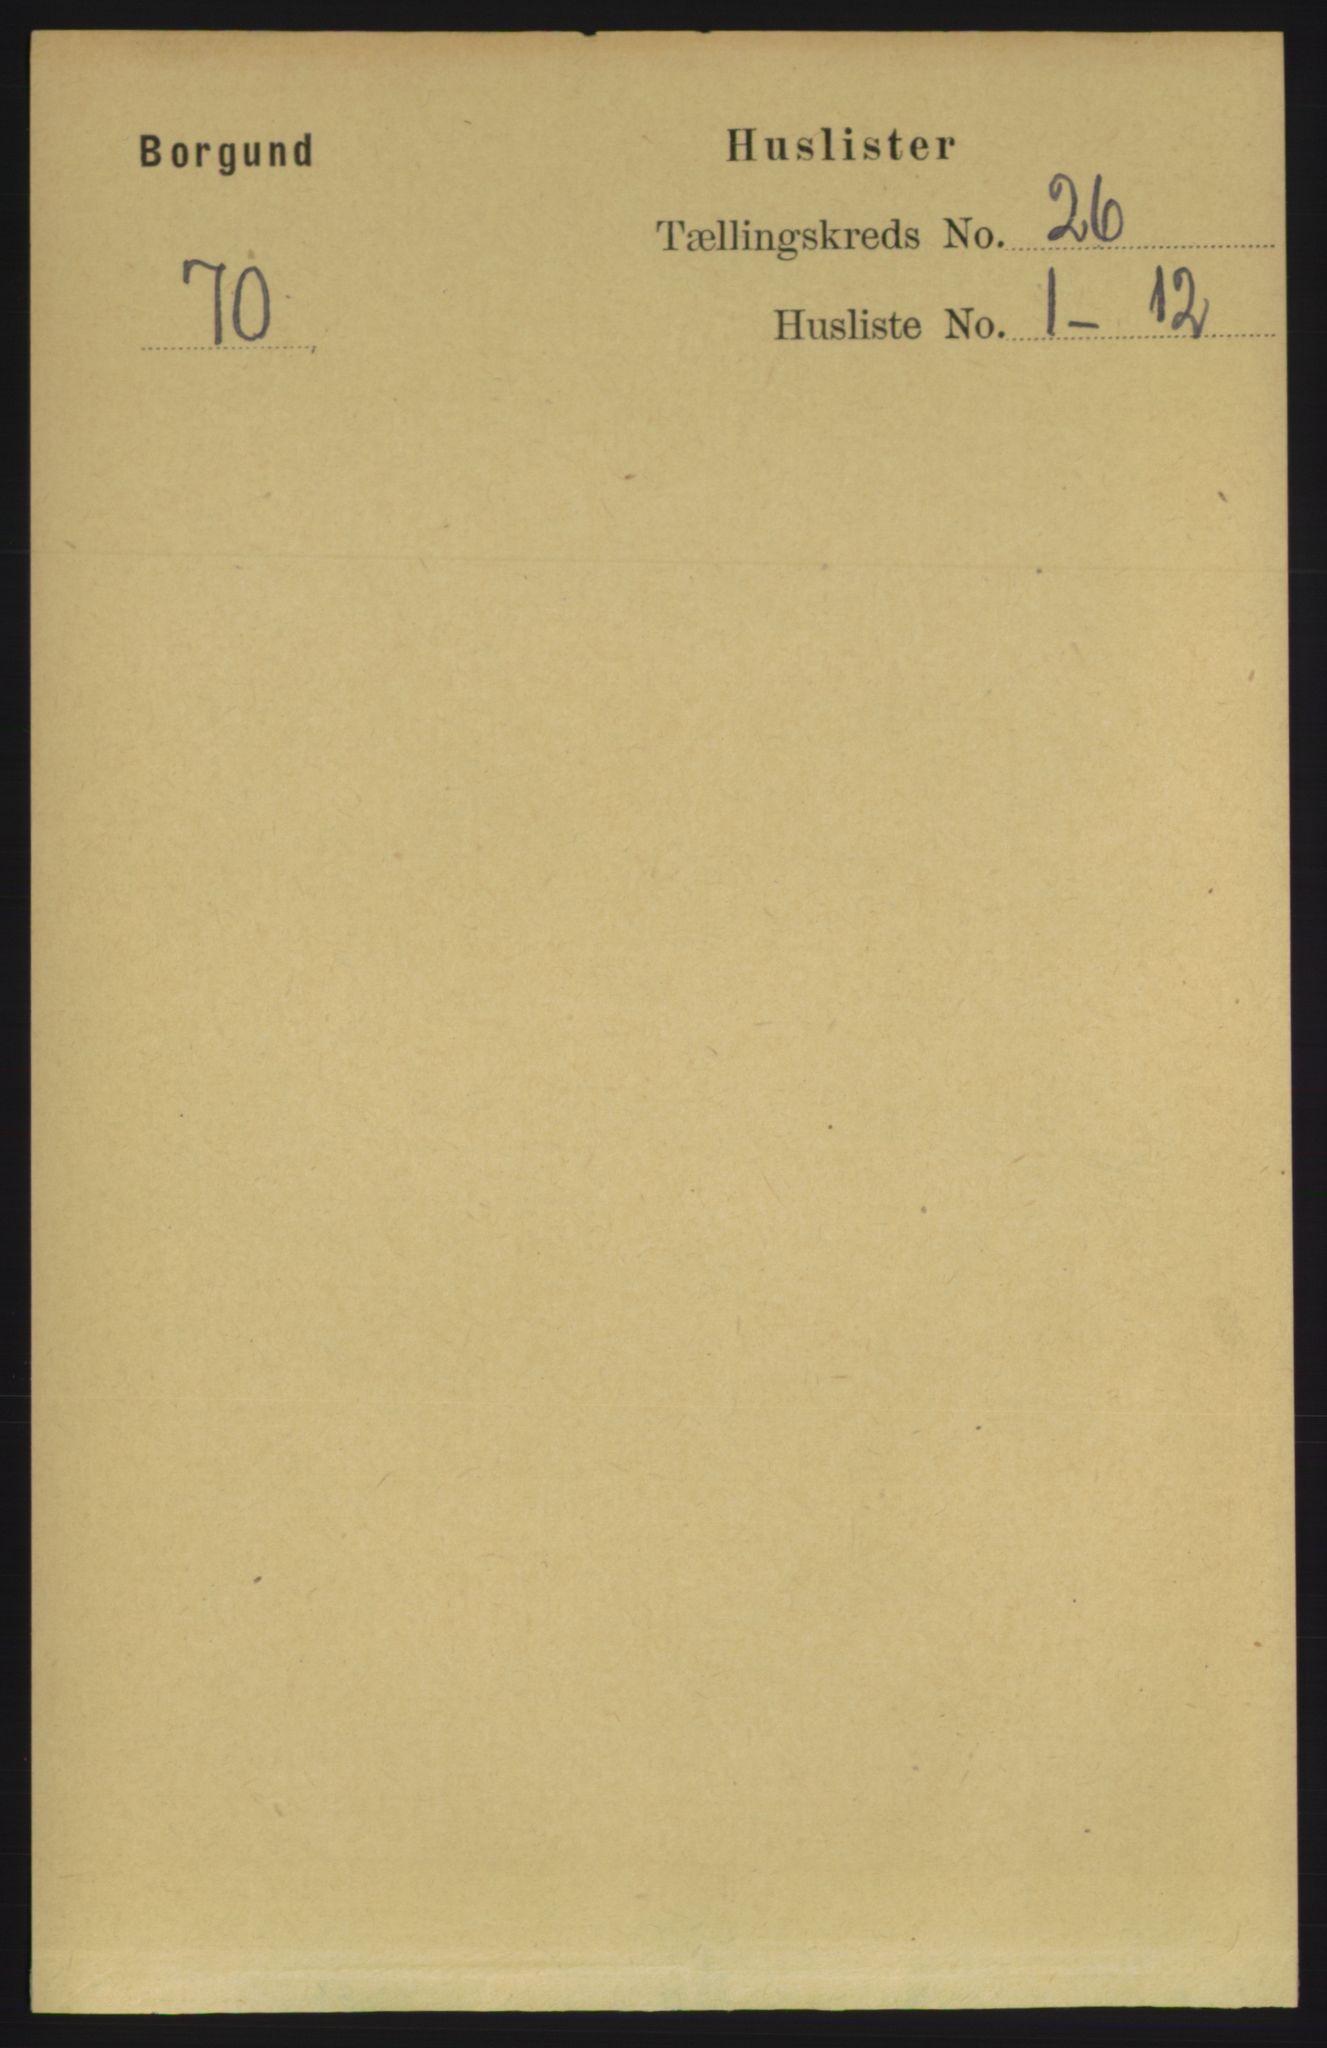 RA, Folketelling 1891 for 1531 Borgund herred, 1891, s. 7578